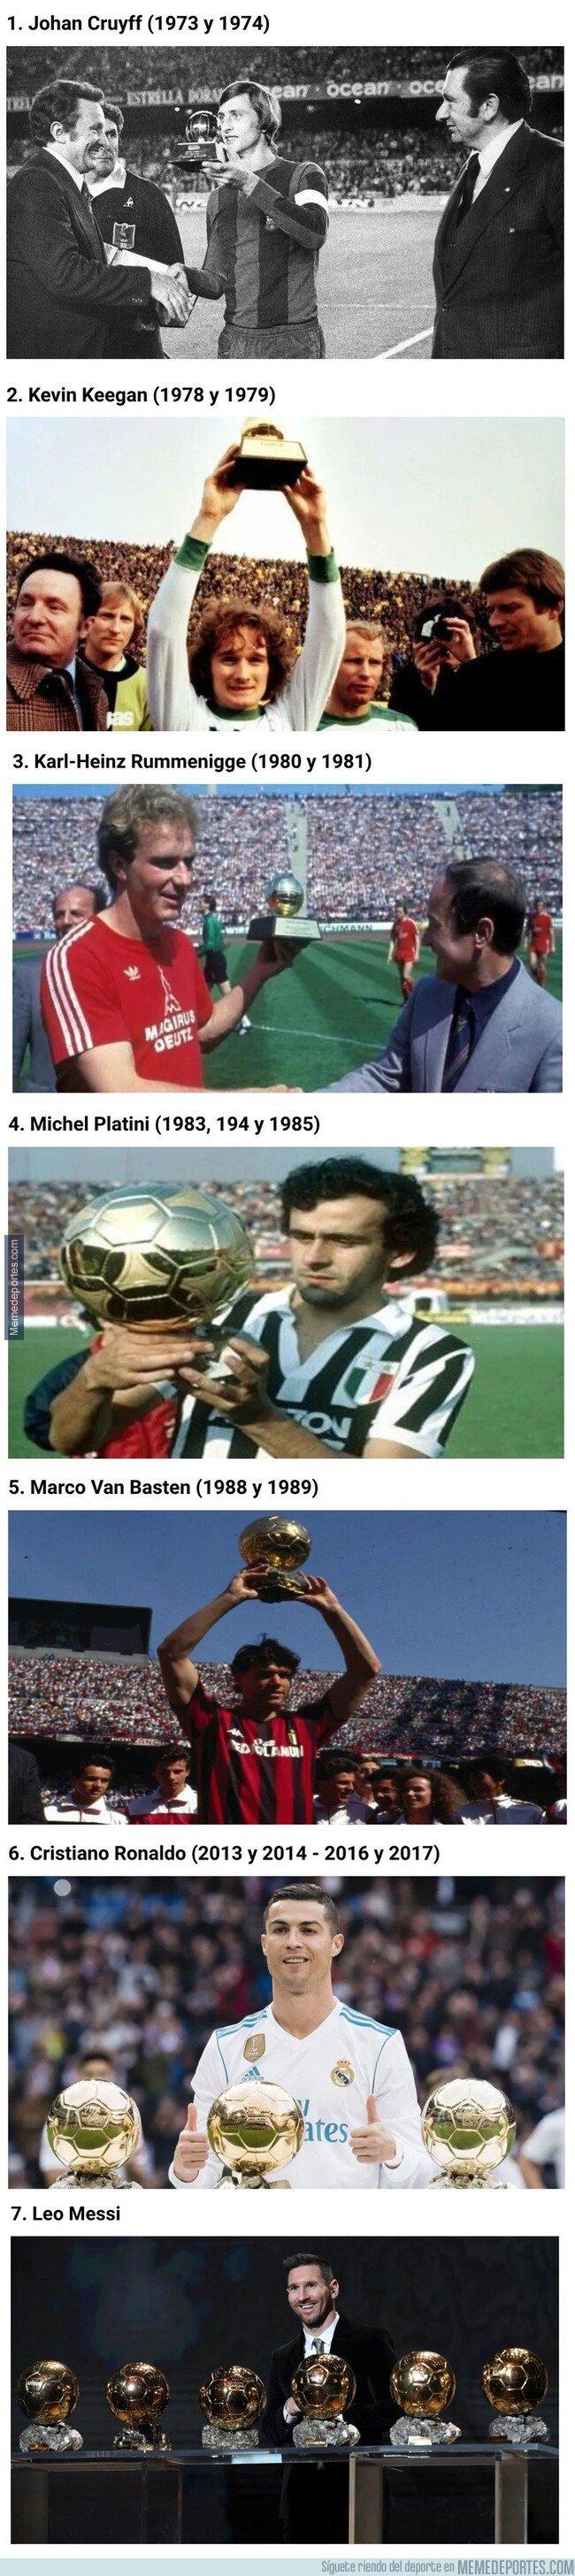 1092672 - Estos son los 7 futbolistas que ganaron el Balón de Oro dos veces seguidas